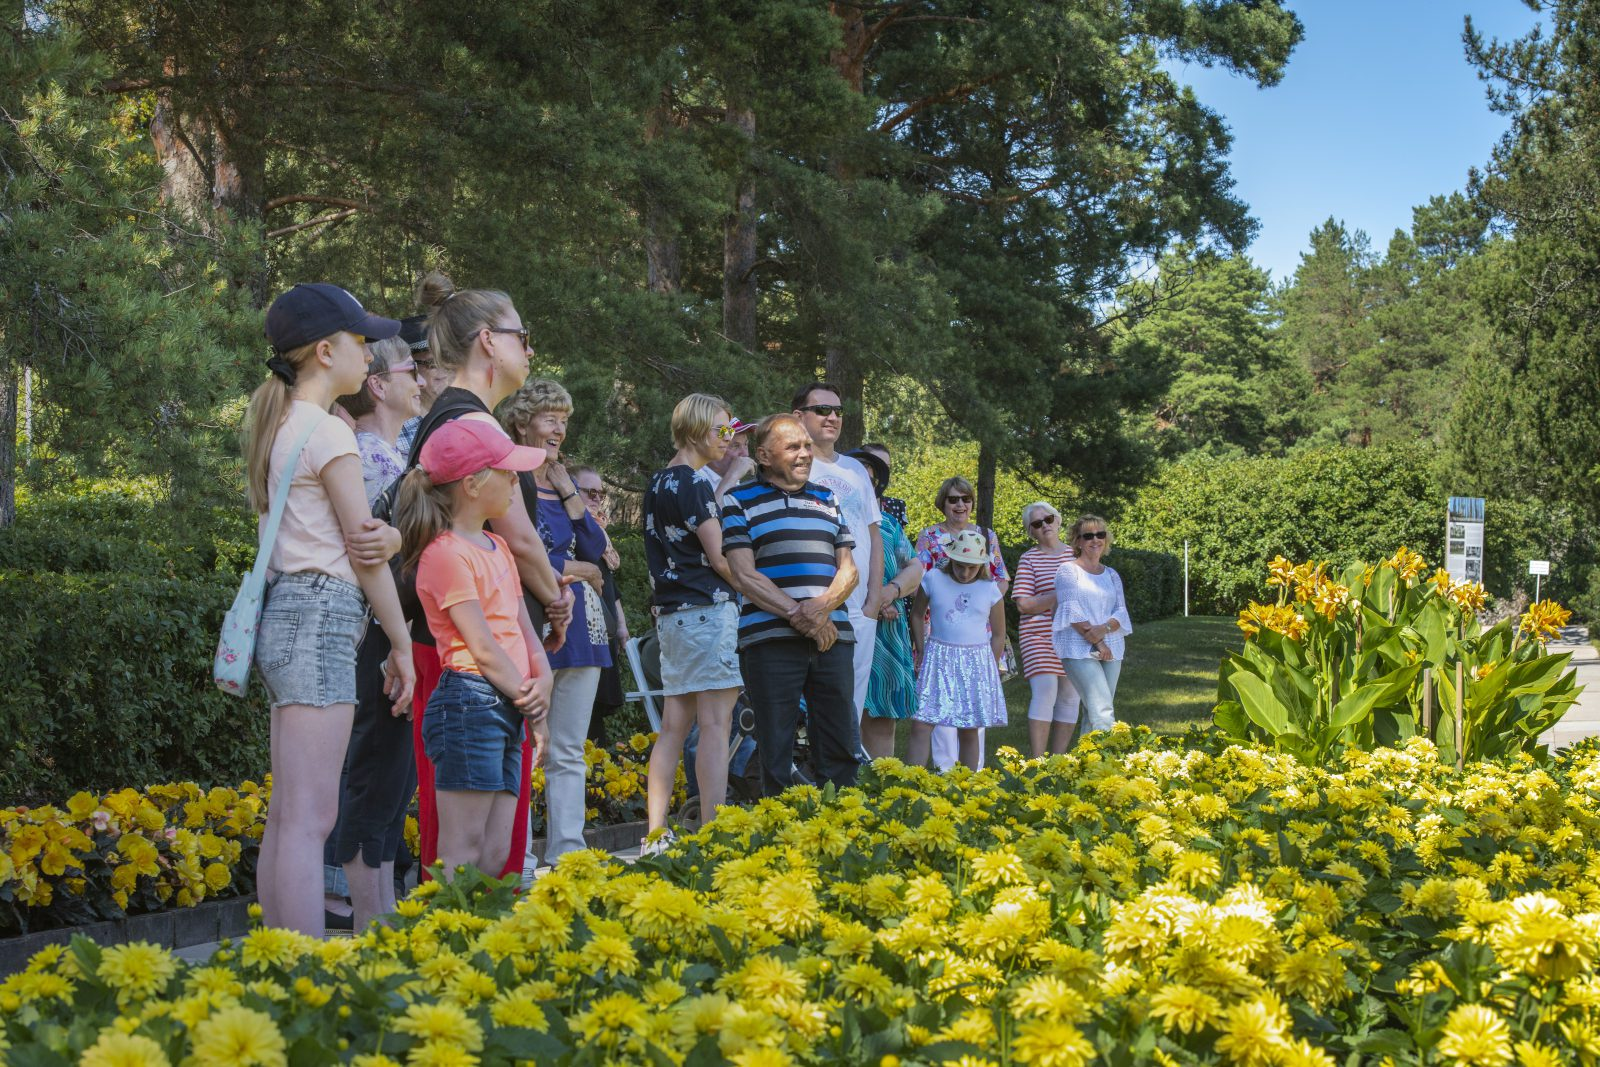 Joukko Kultarannnan puutarhan opastukselle osallistuvia asiakkaita. Keltaisia kukkia etualalla, puiston puita taustalla. Aurinkoinen päivä ja iloinen tunnelma.